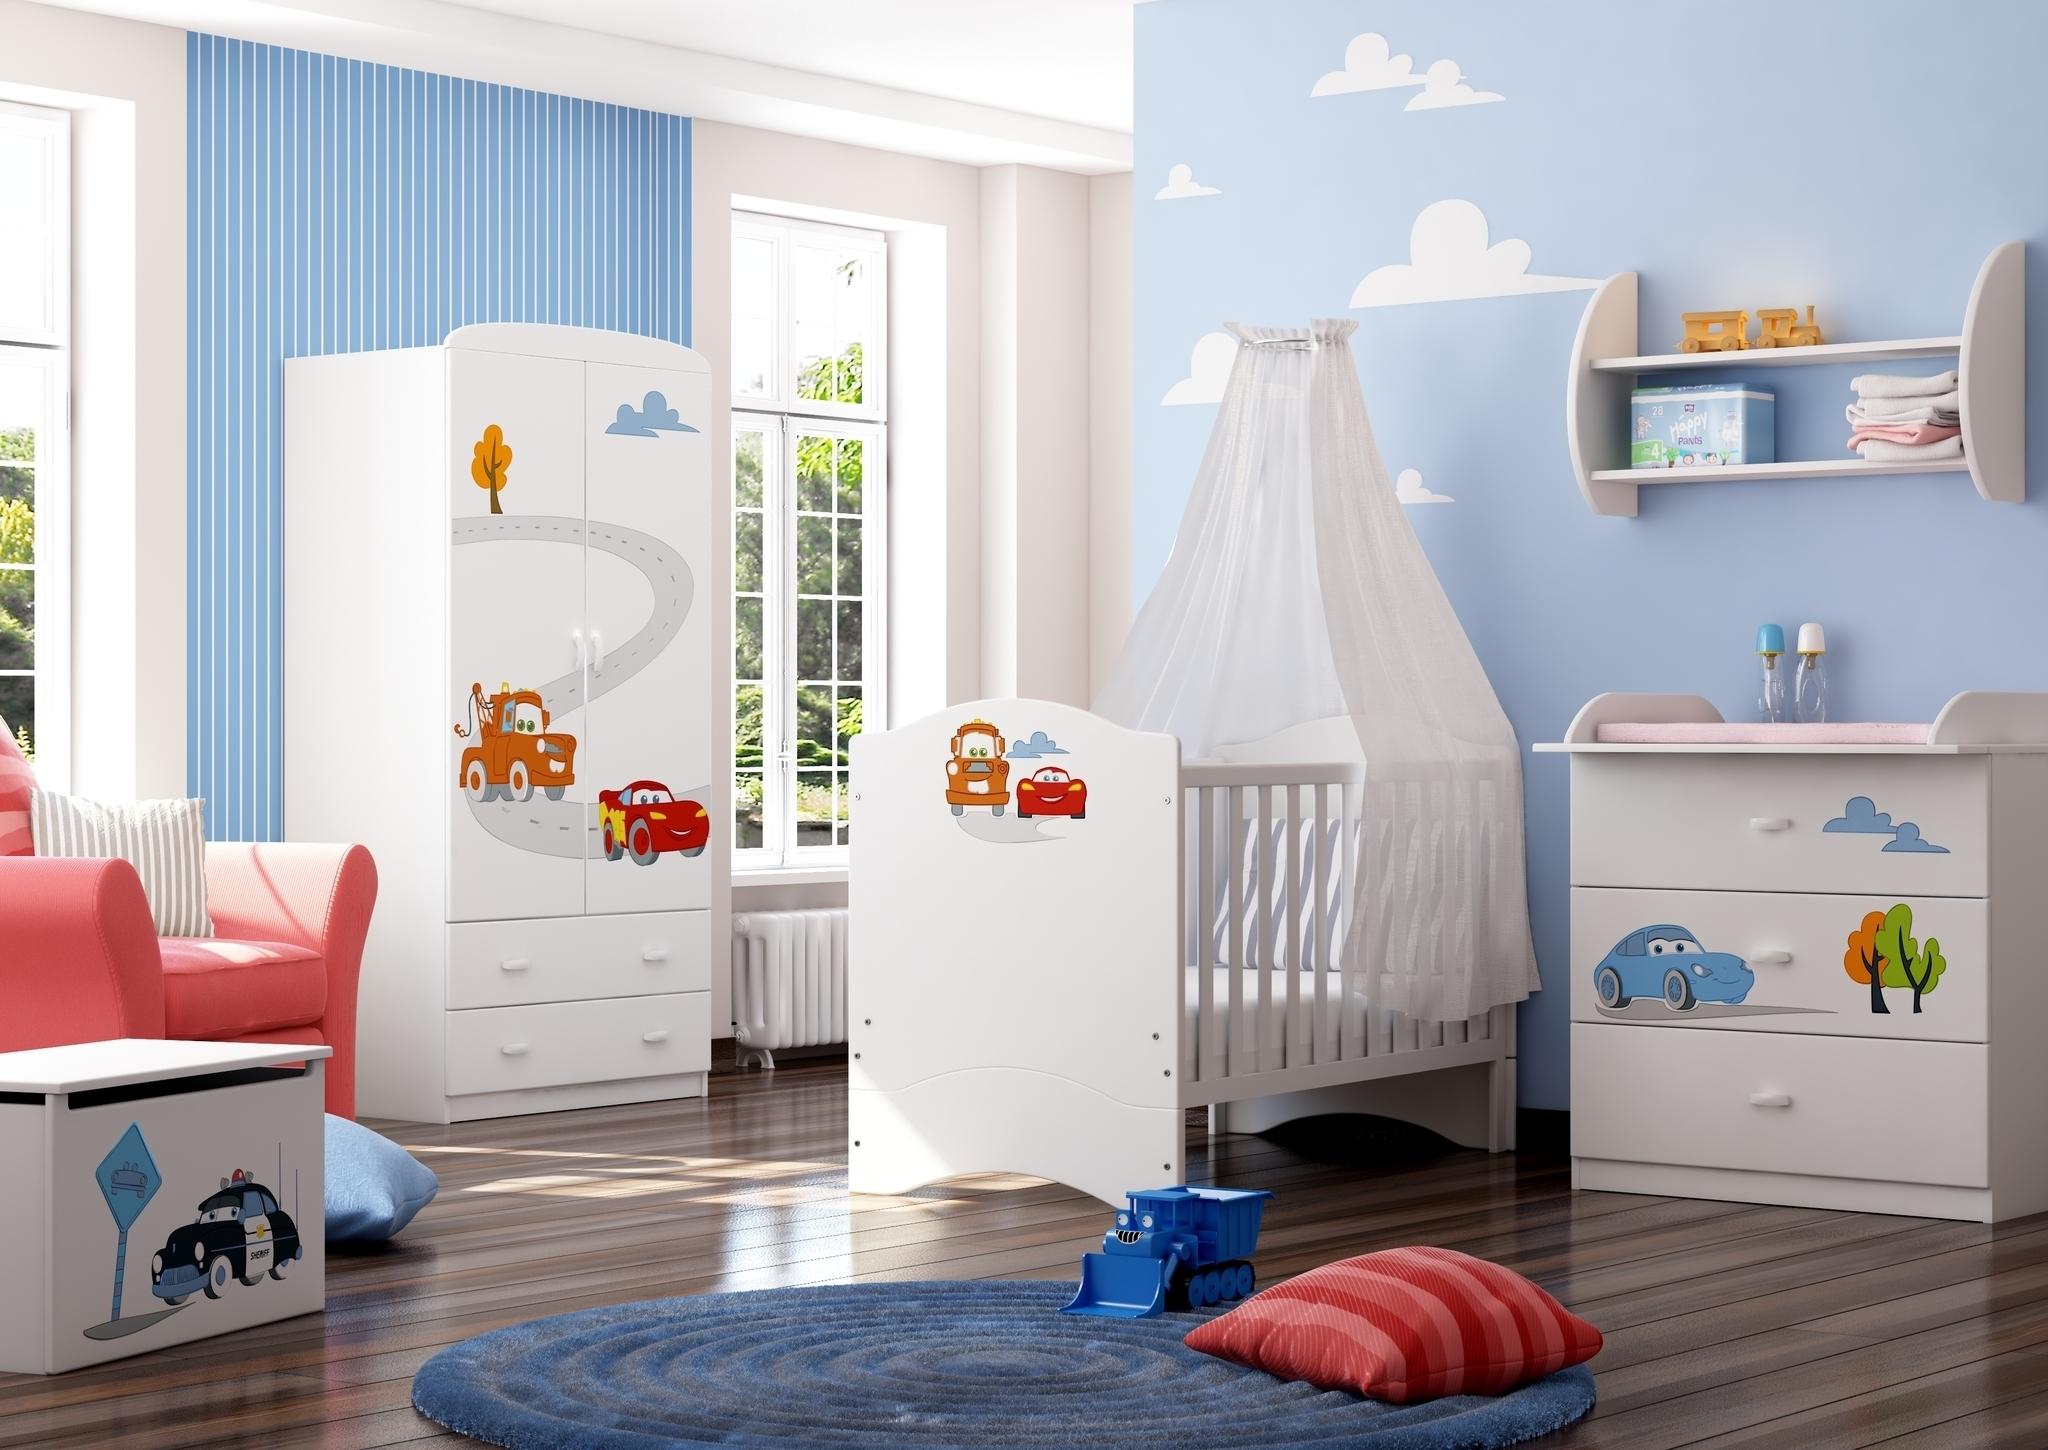 Легкие облака на стенах и потолке создадут атмосферу радостного , счастливого детства.